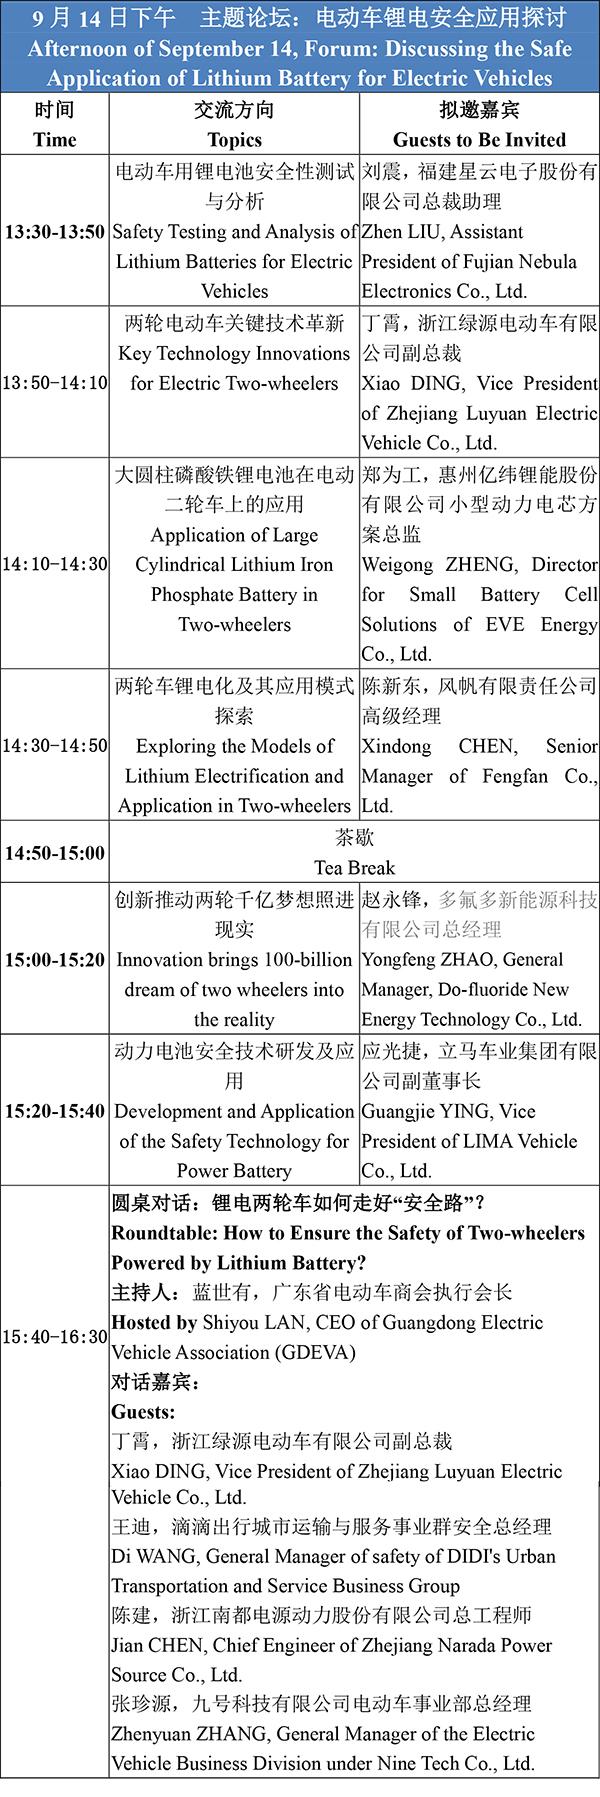 日程安排-2021轻型电动车用锂电池技术及应用交流会